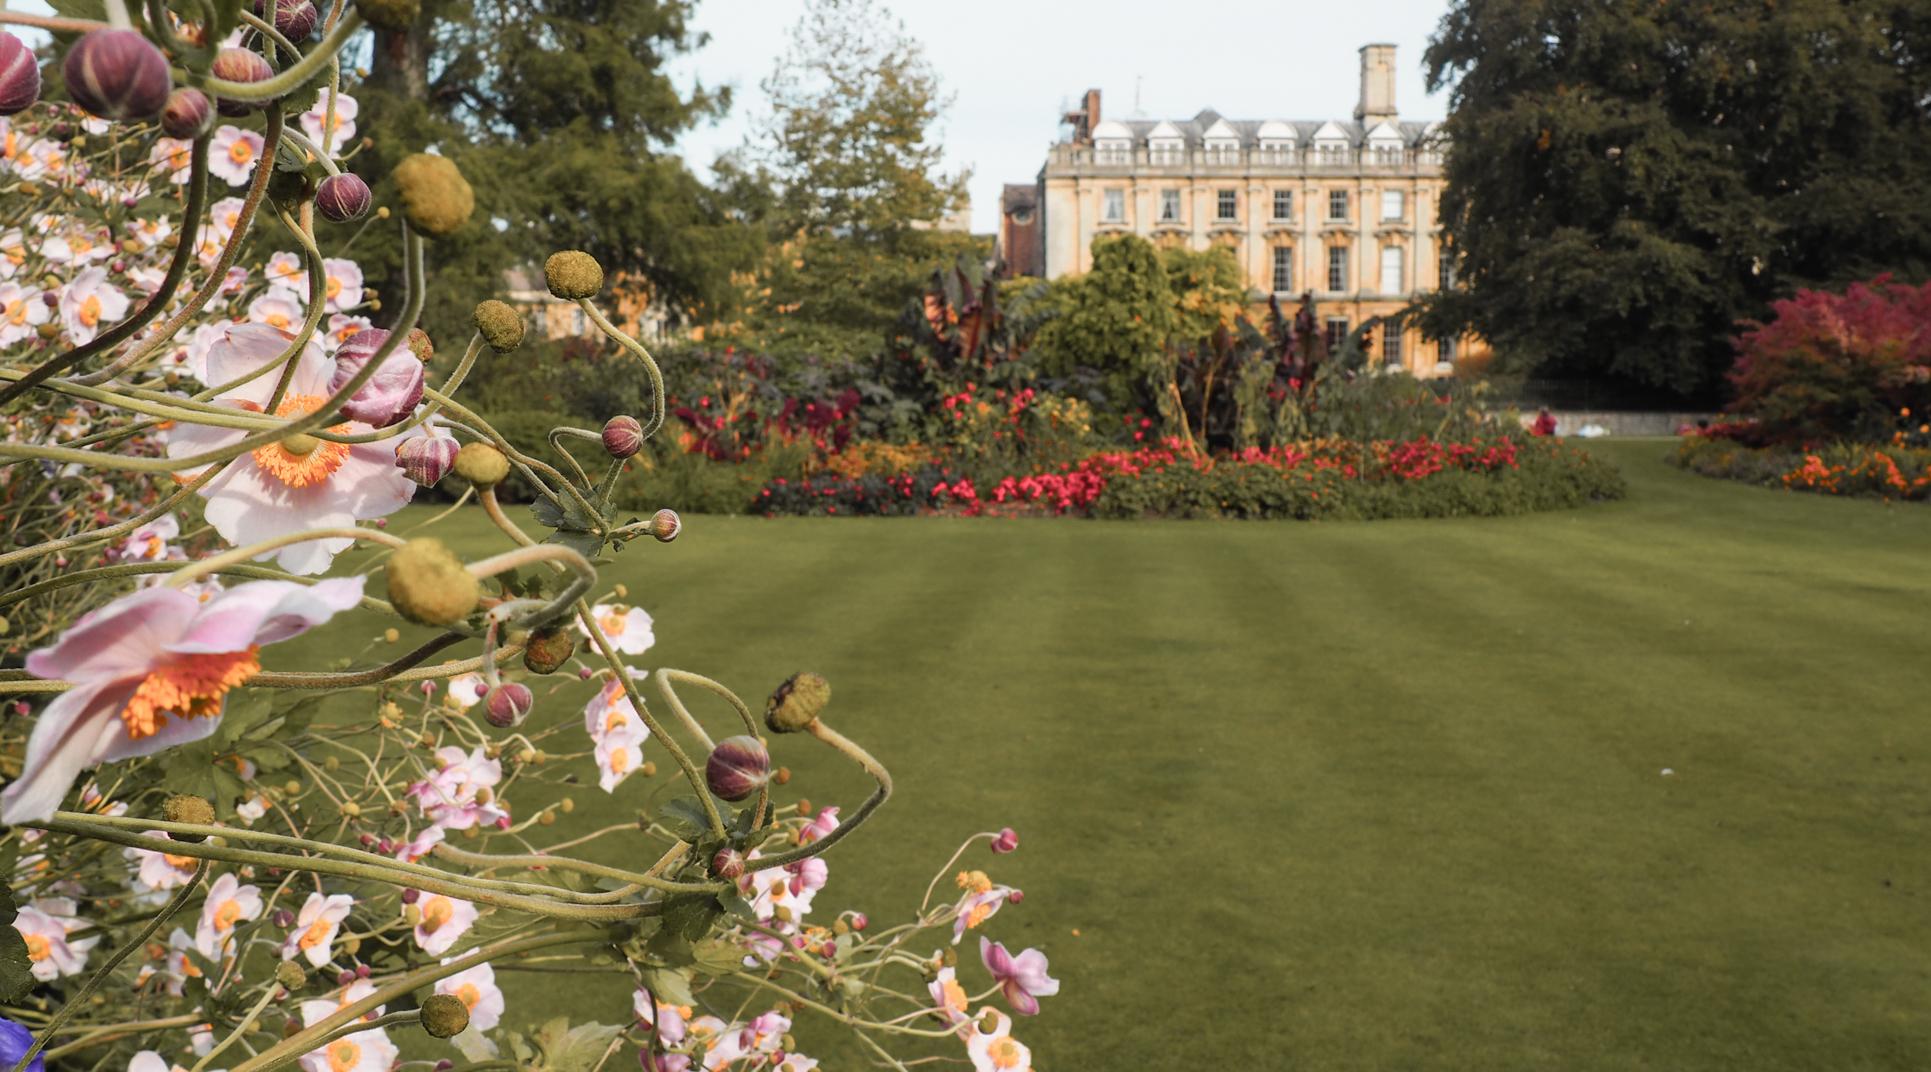 Clare College Cambridge Fellows Garden